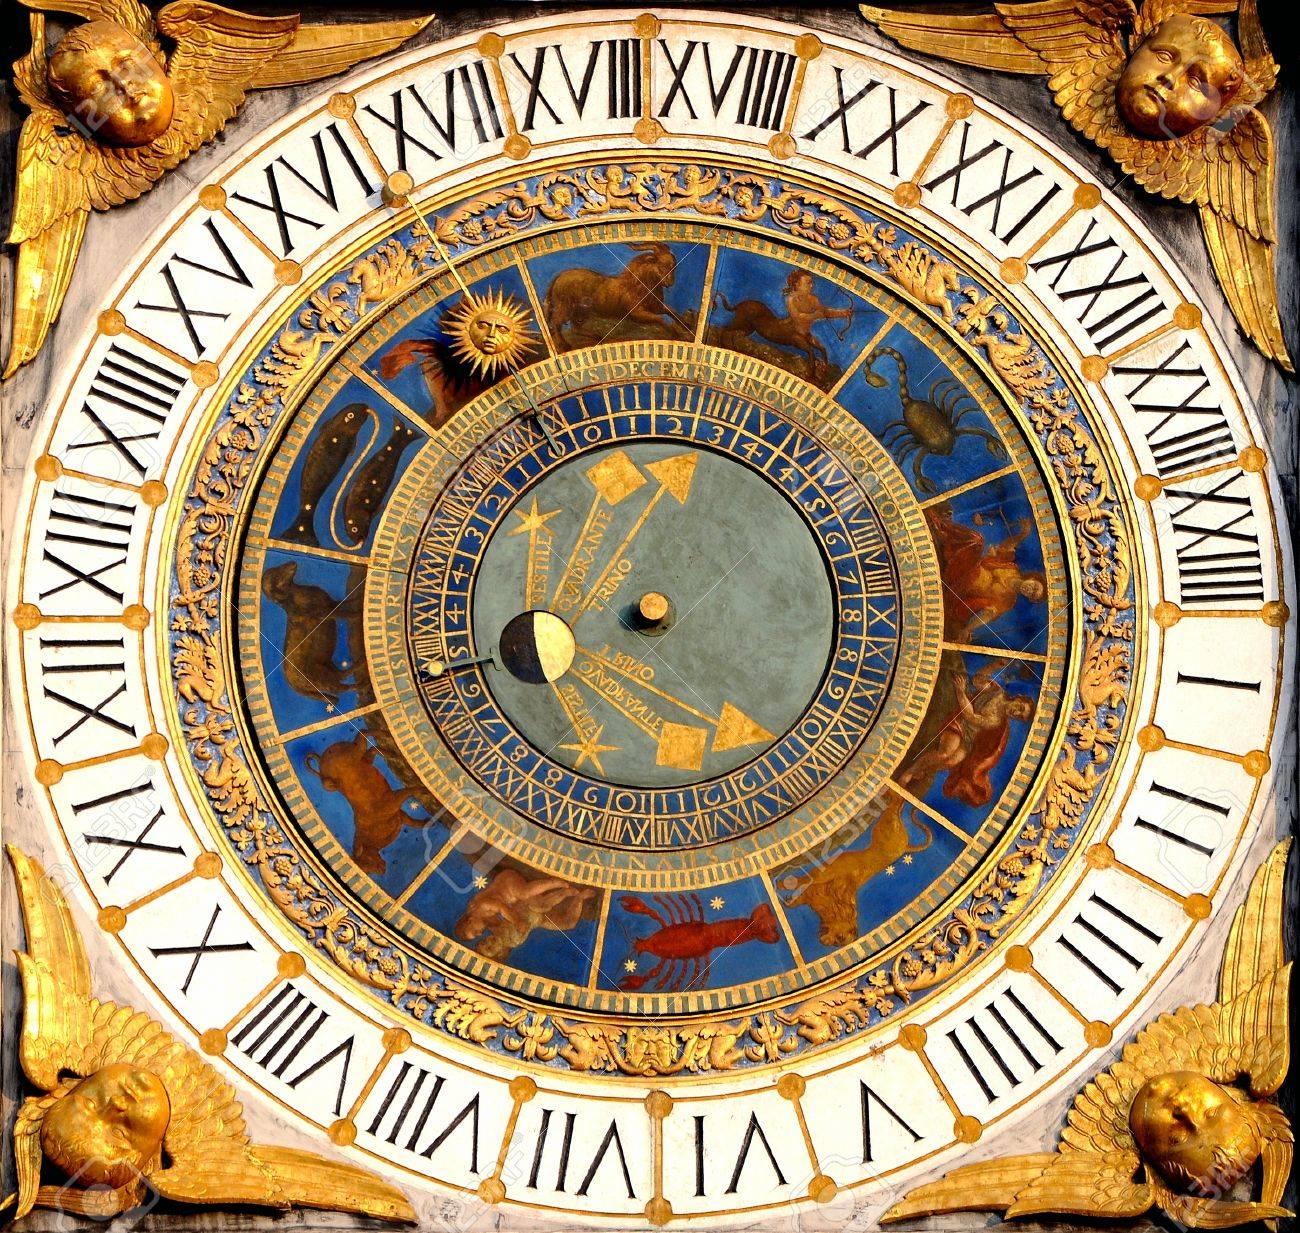 Orologio astronomico del Rinascimento a Brescia, Italia anni 1540-50 Visualizza le ore, le fasi lunari e dello zodiaco Archivio Fotografico - 12926256